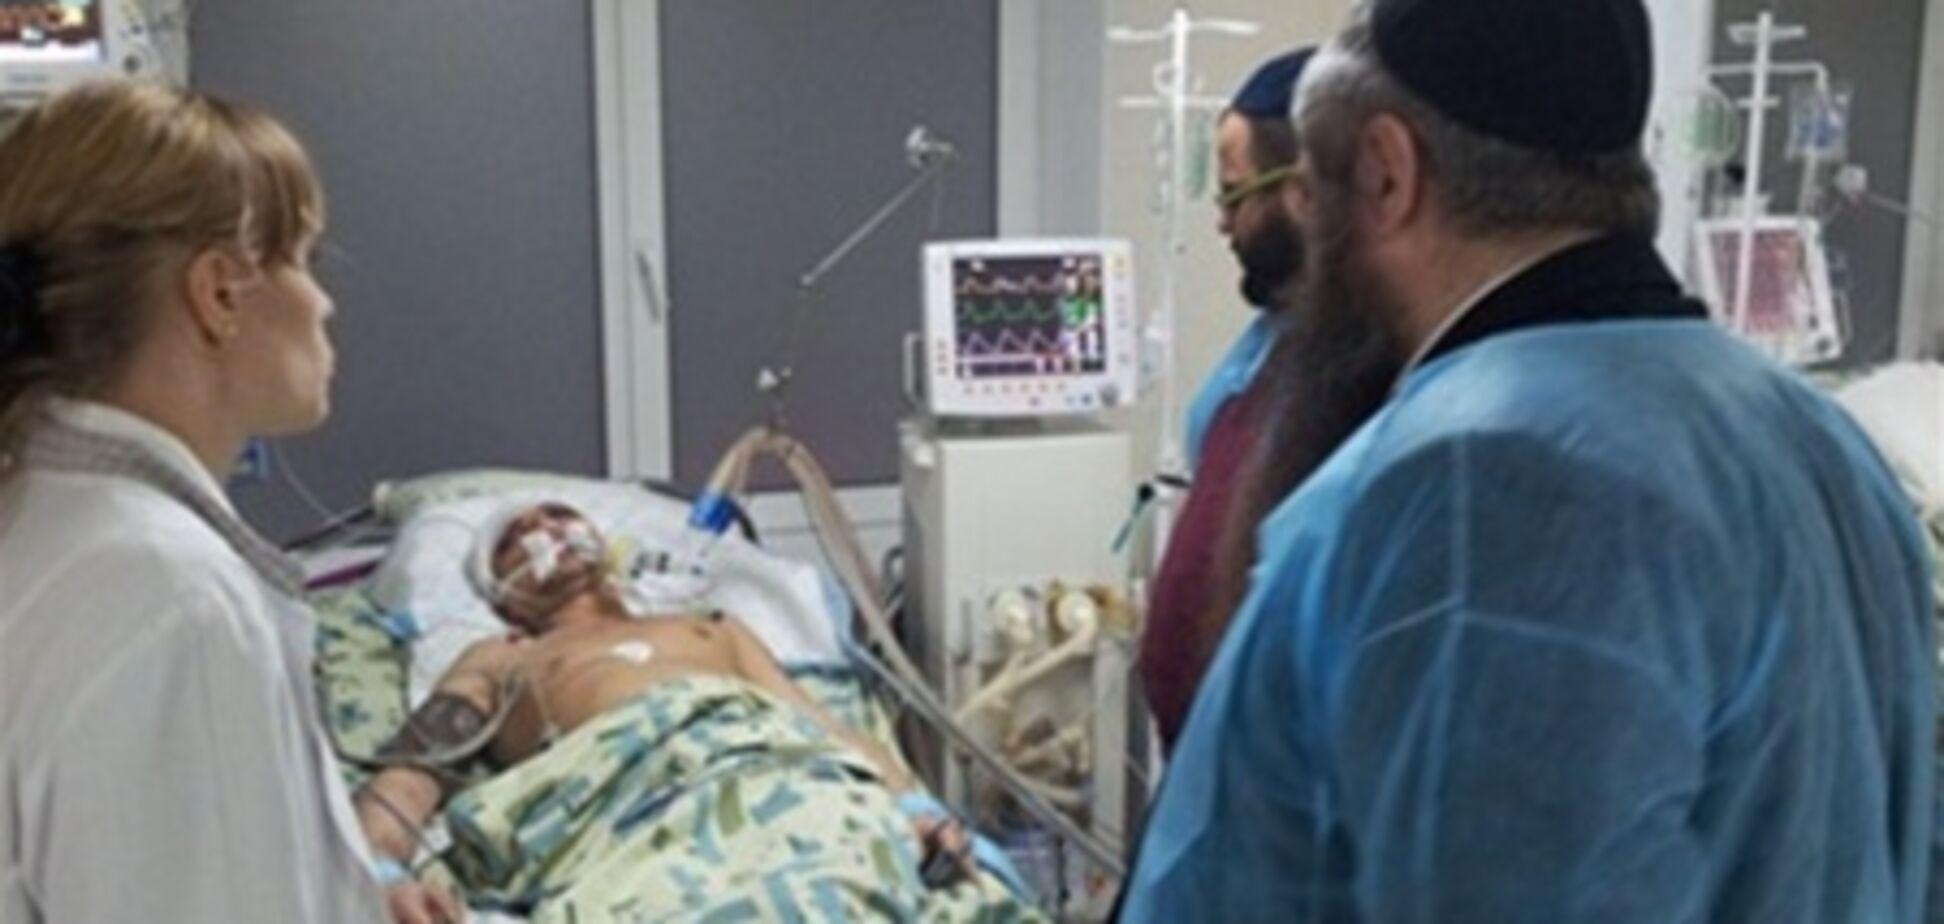 Жестокое избиение студента-еврея: милиция начала проверку